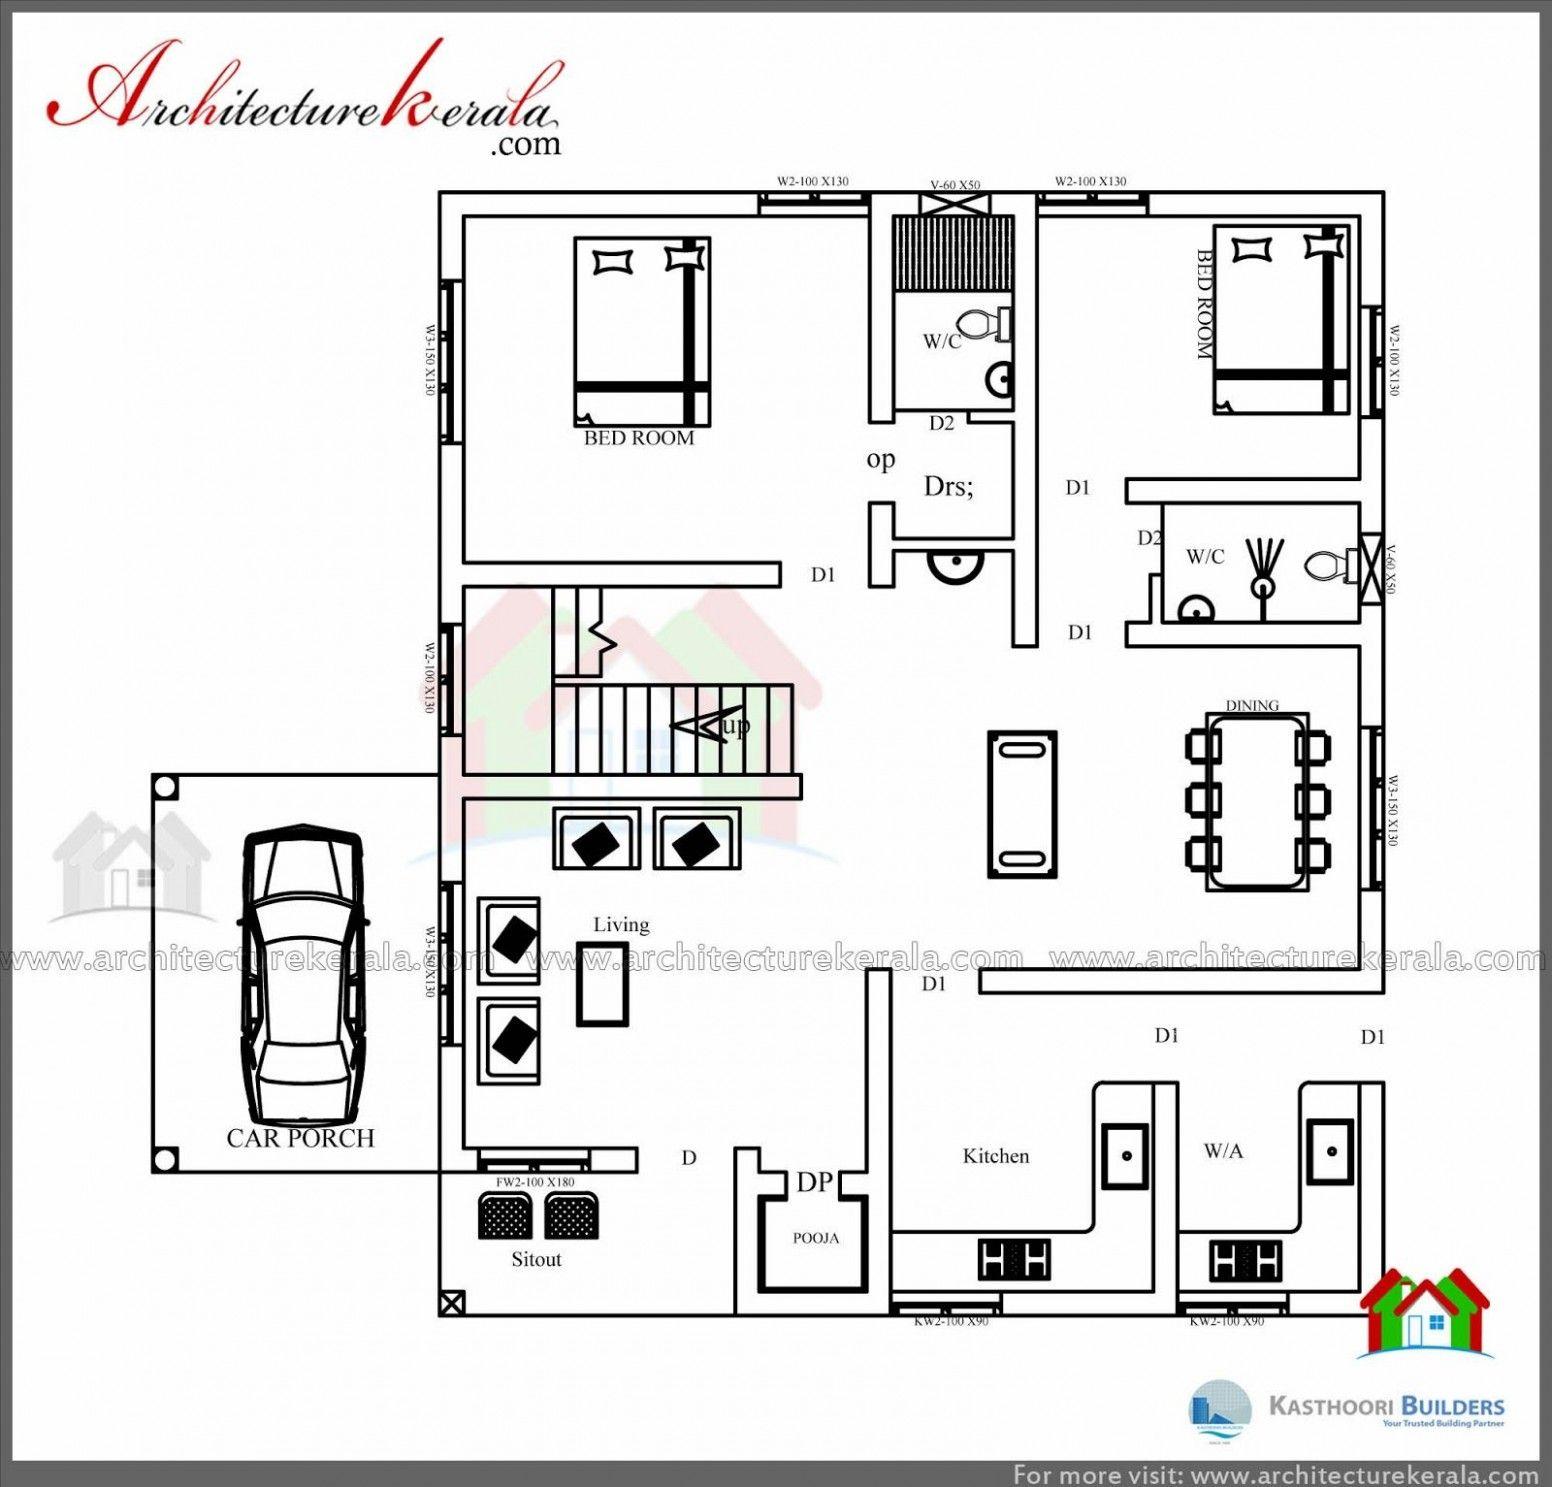 3 Bedroom Floor Plan And Elevation Di 2020